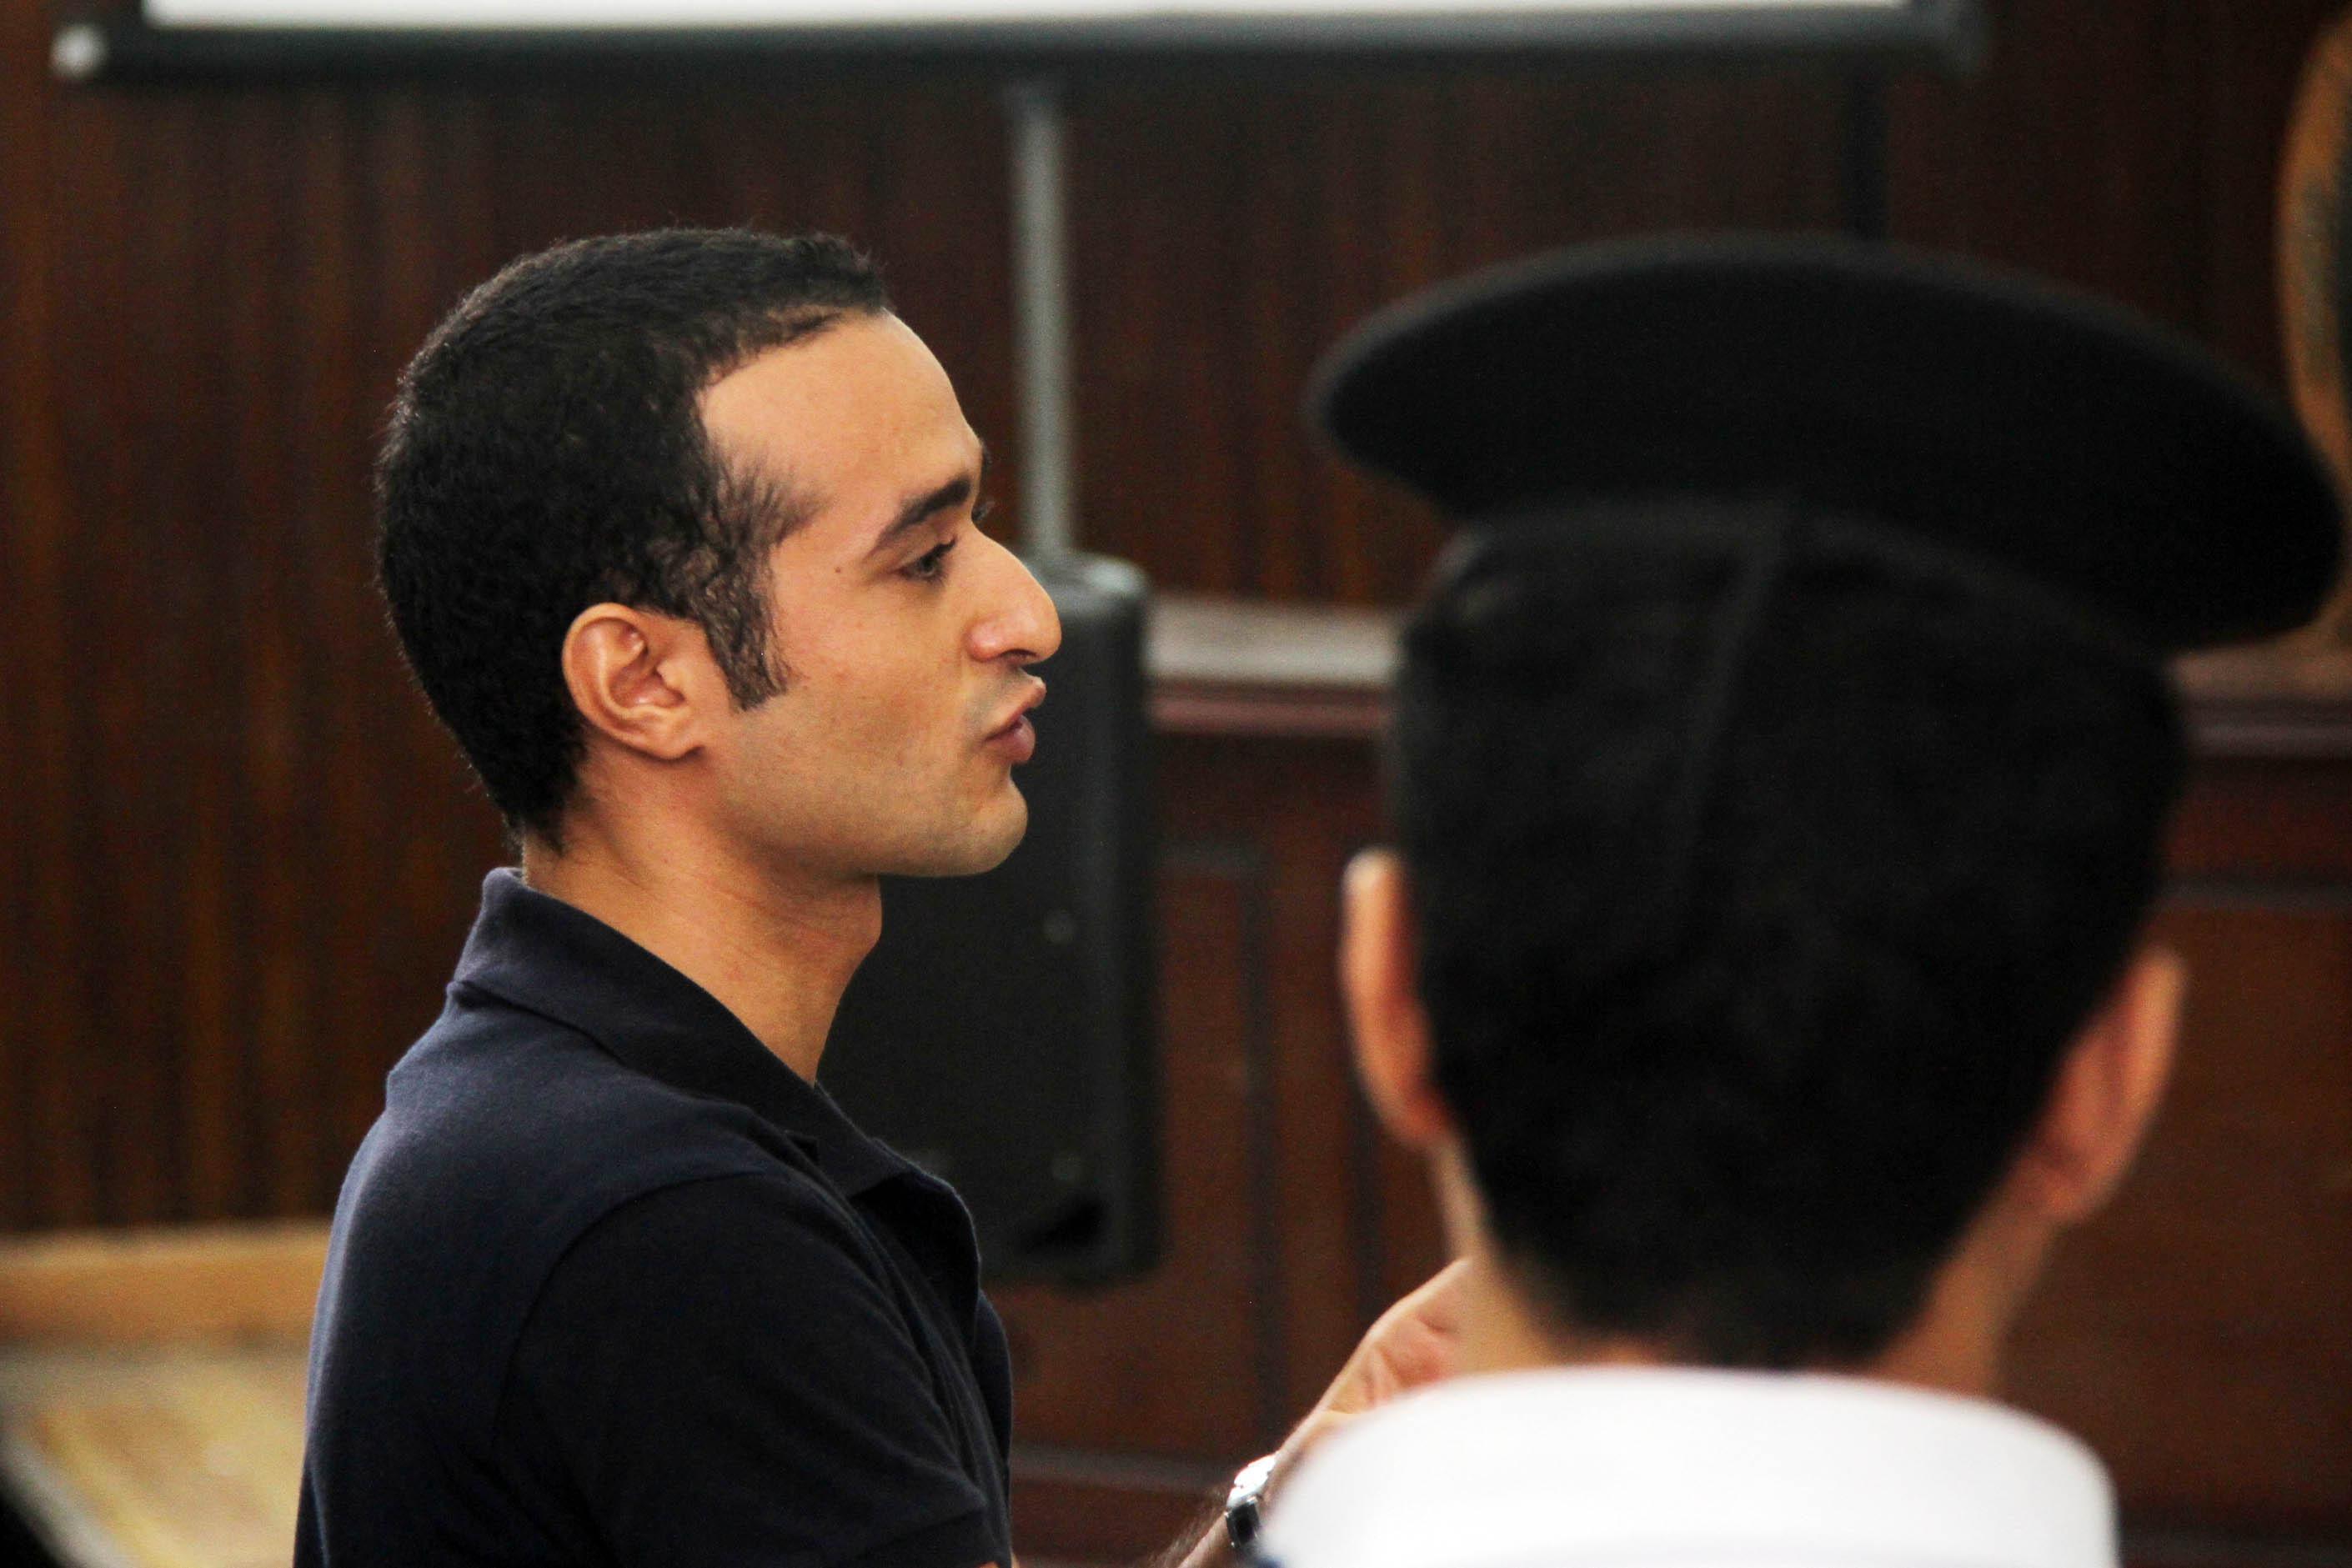 مجلس الدولة يؤجل دعوى قضائية تطالب إلغاء حبس أحمد دومة انفراديا